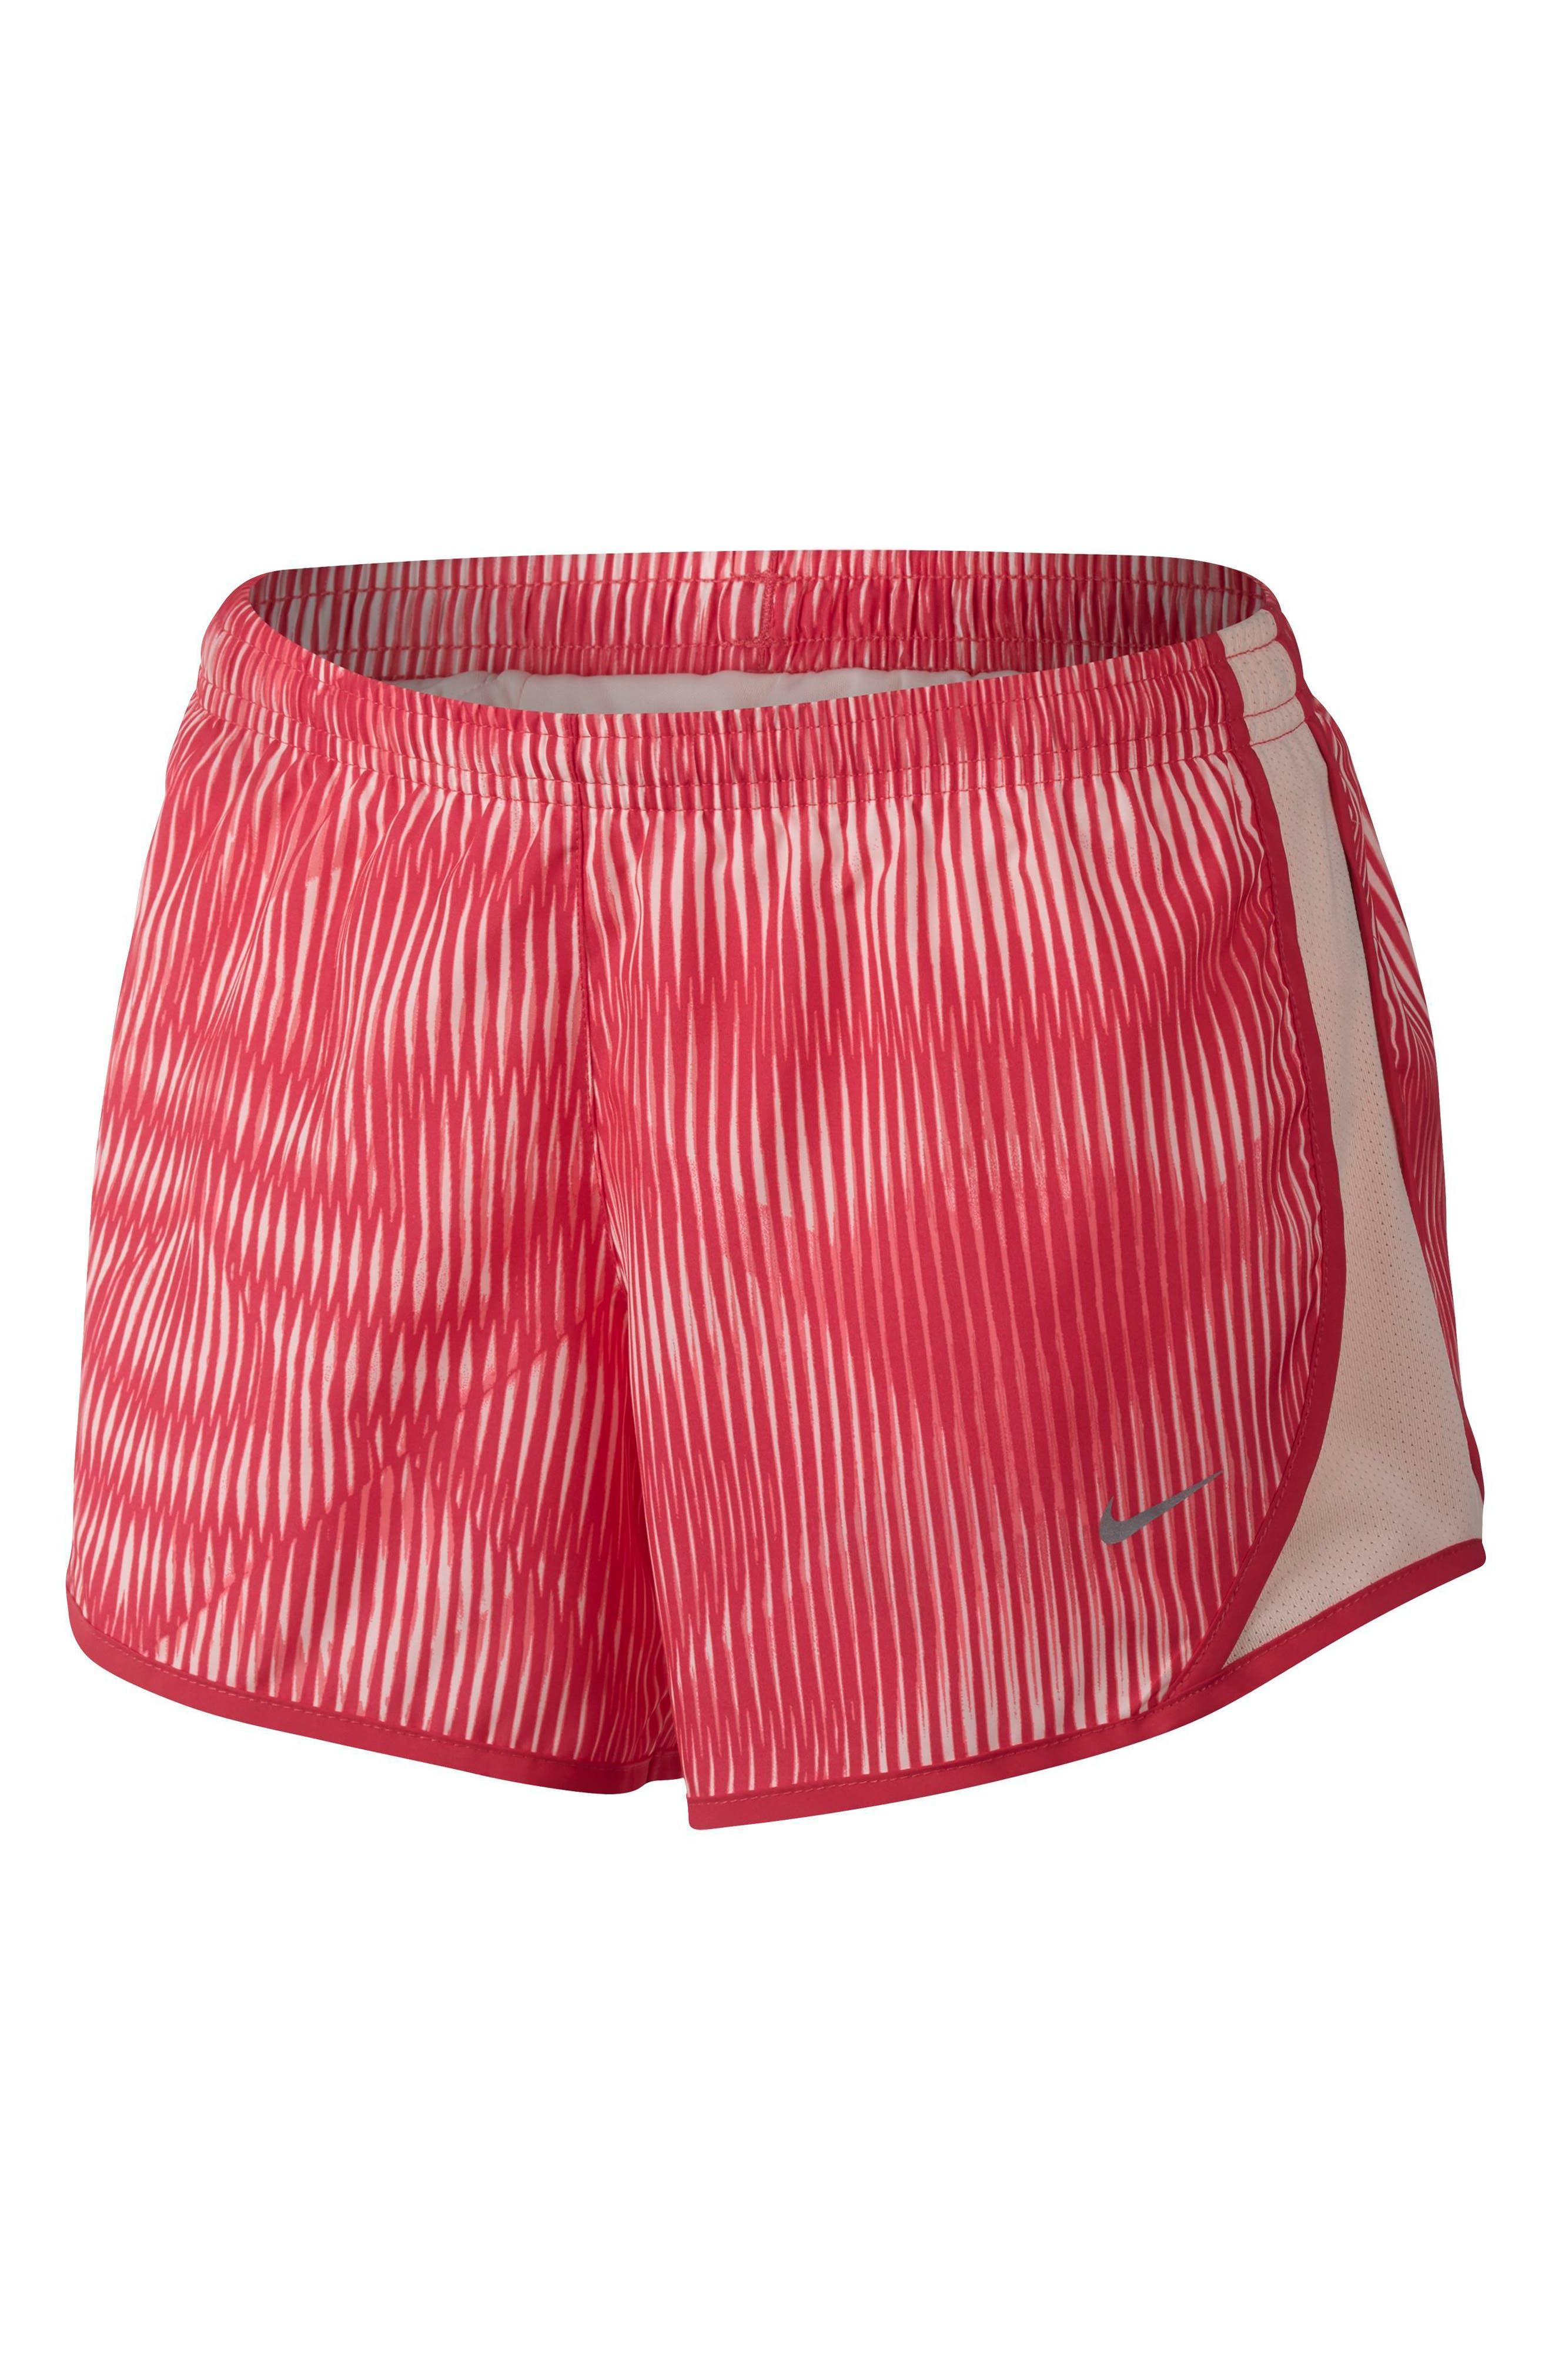 NIKE Tempo Dri-FIT Running Shorts